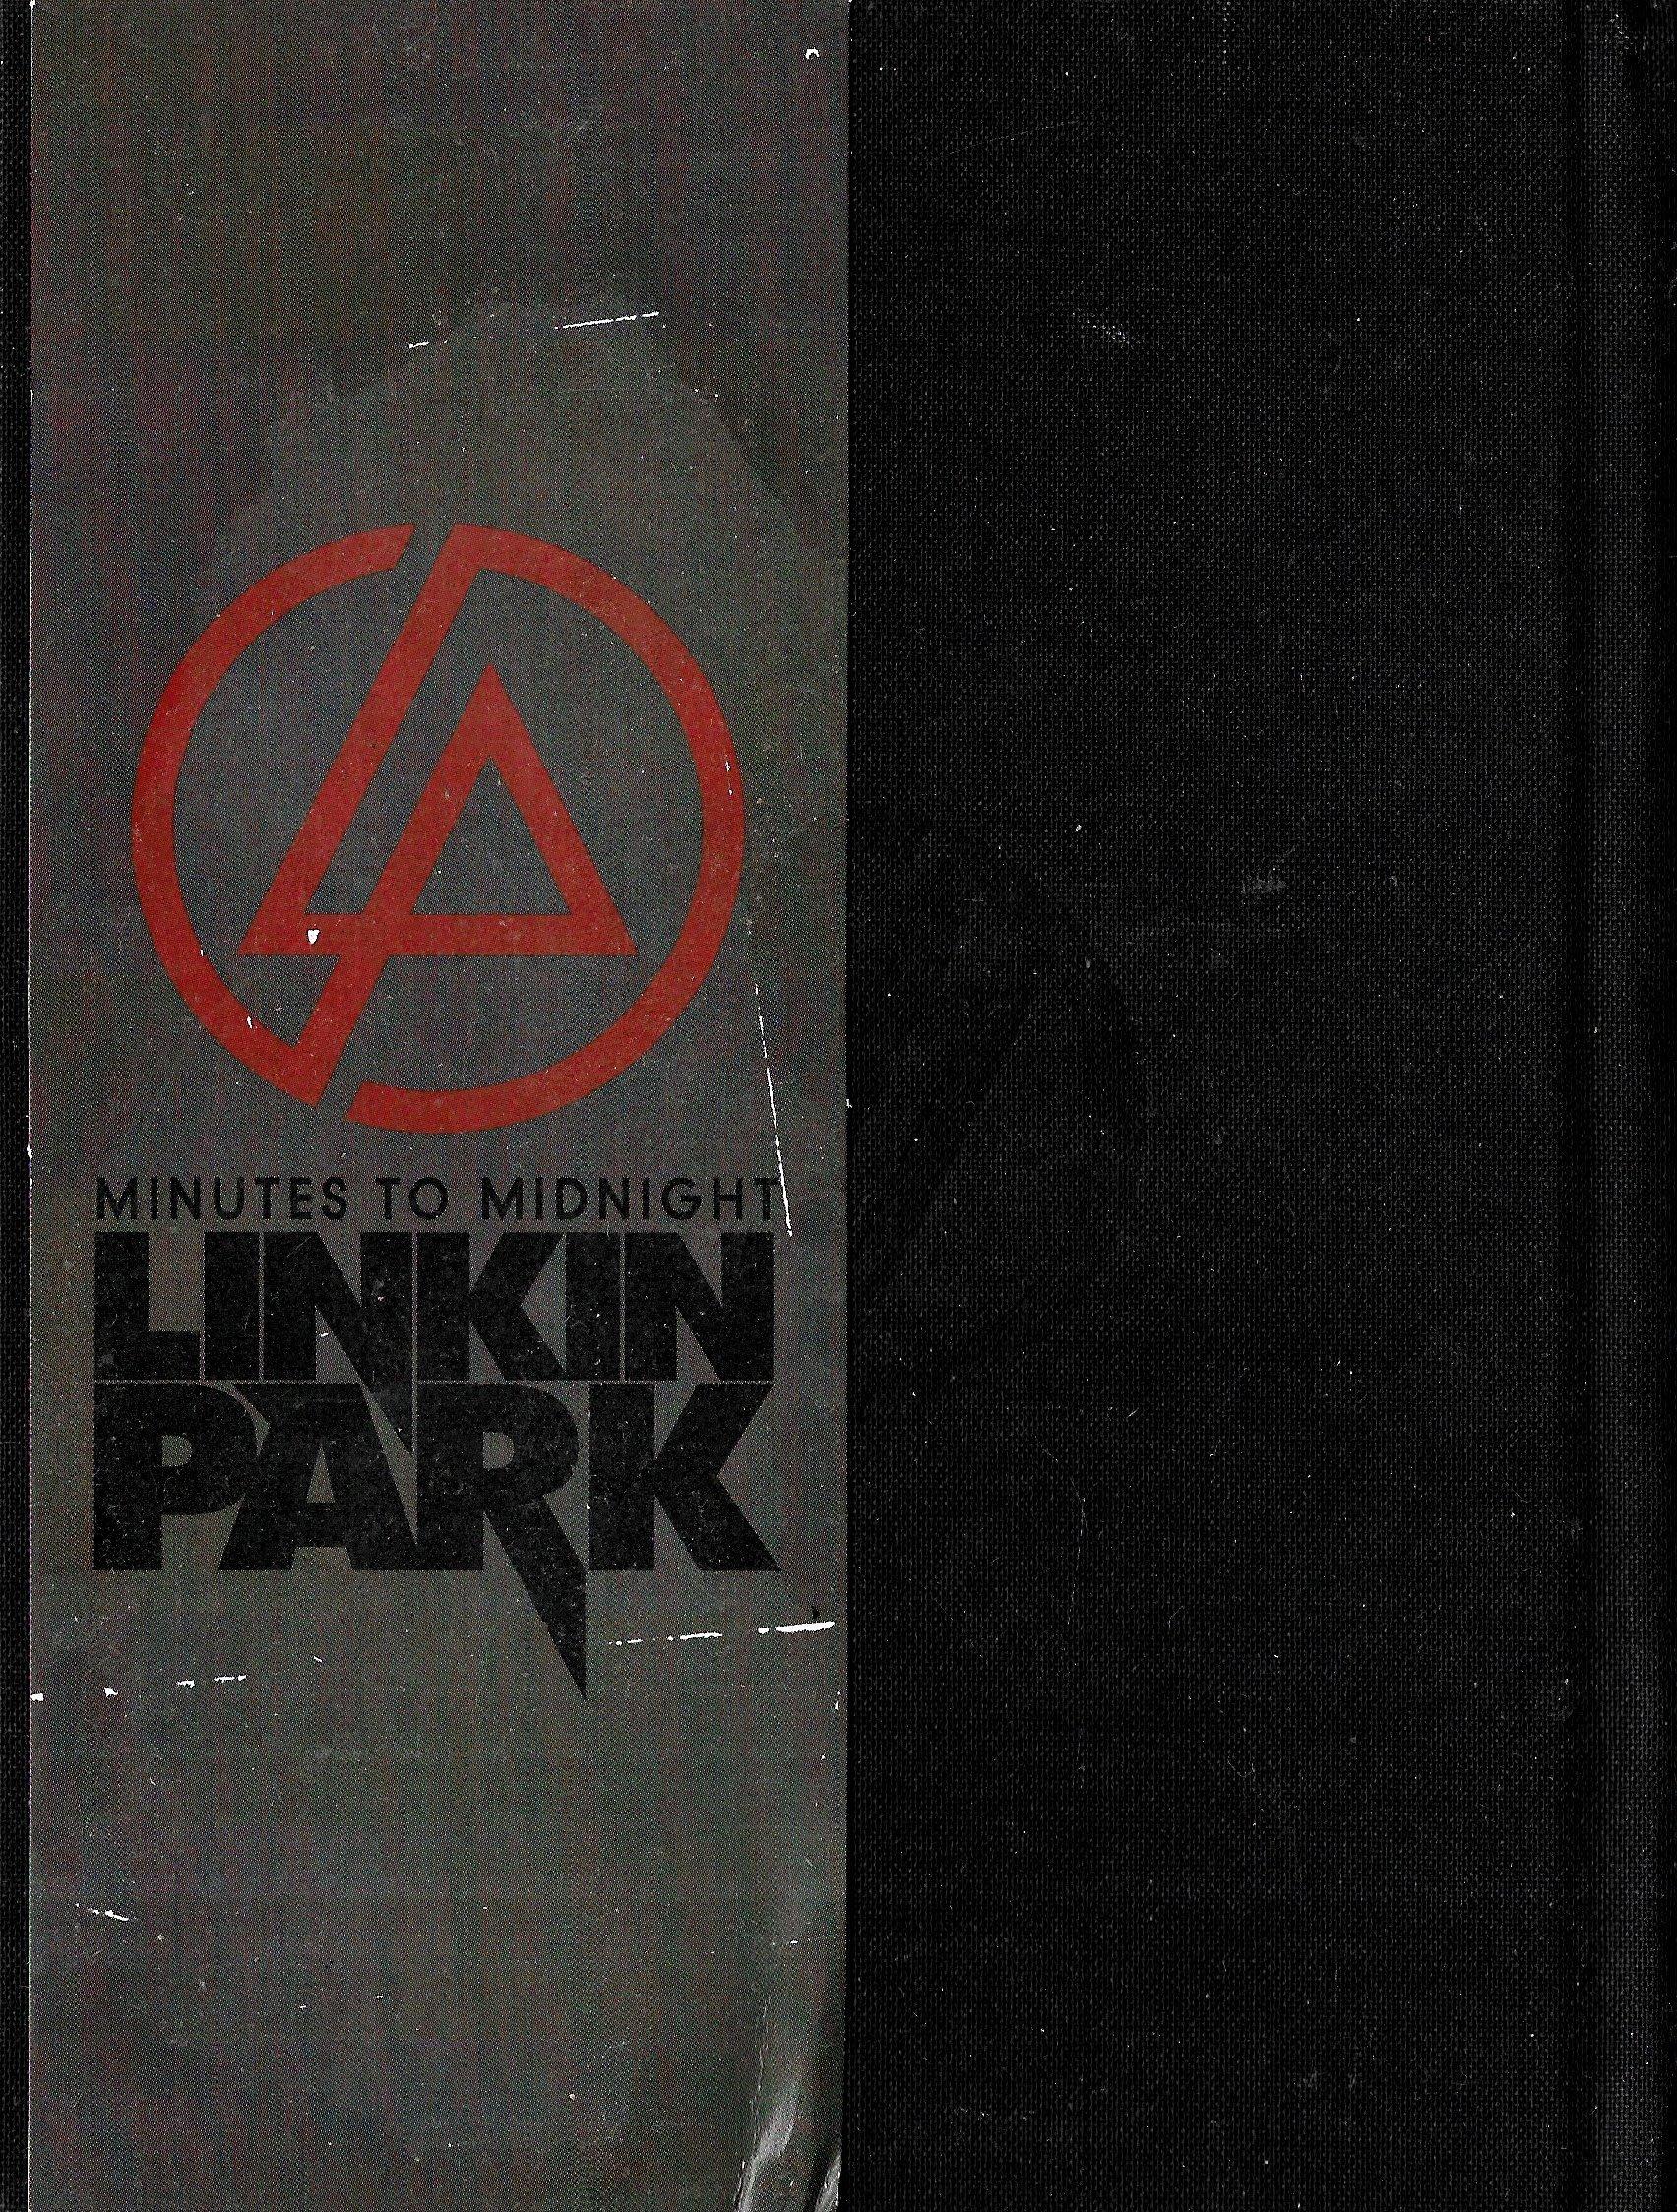 聯合公園Linkin Park / Minutes To Midnight(外紙有脫落破損)